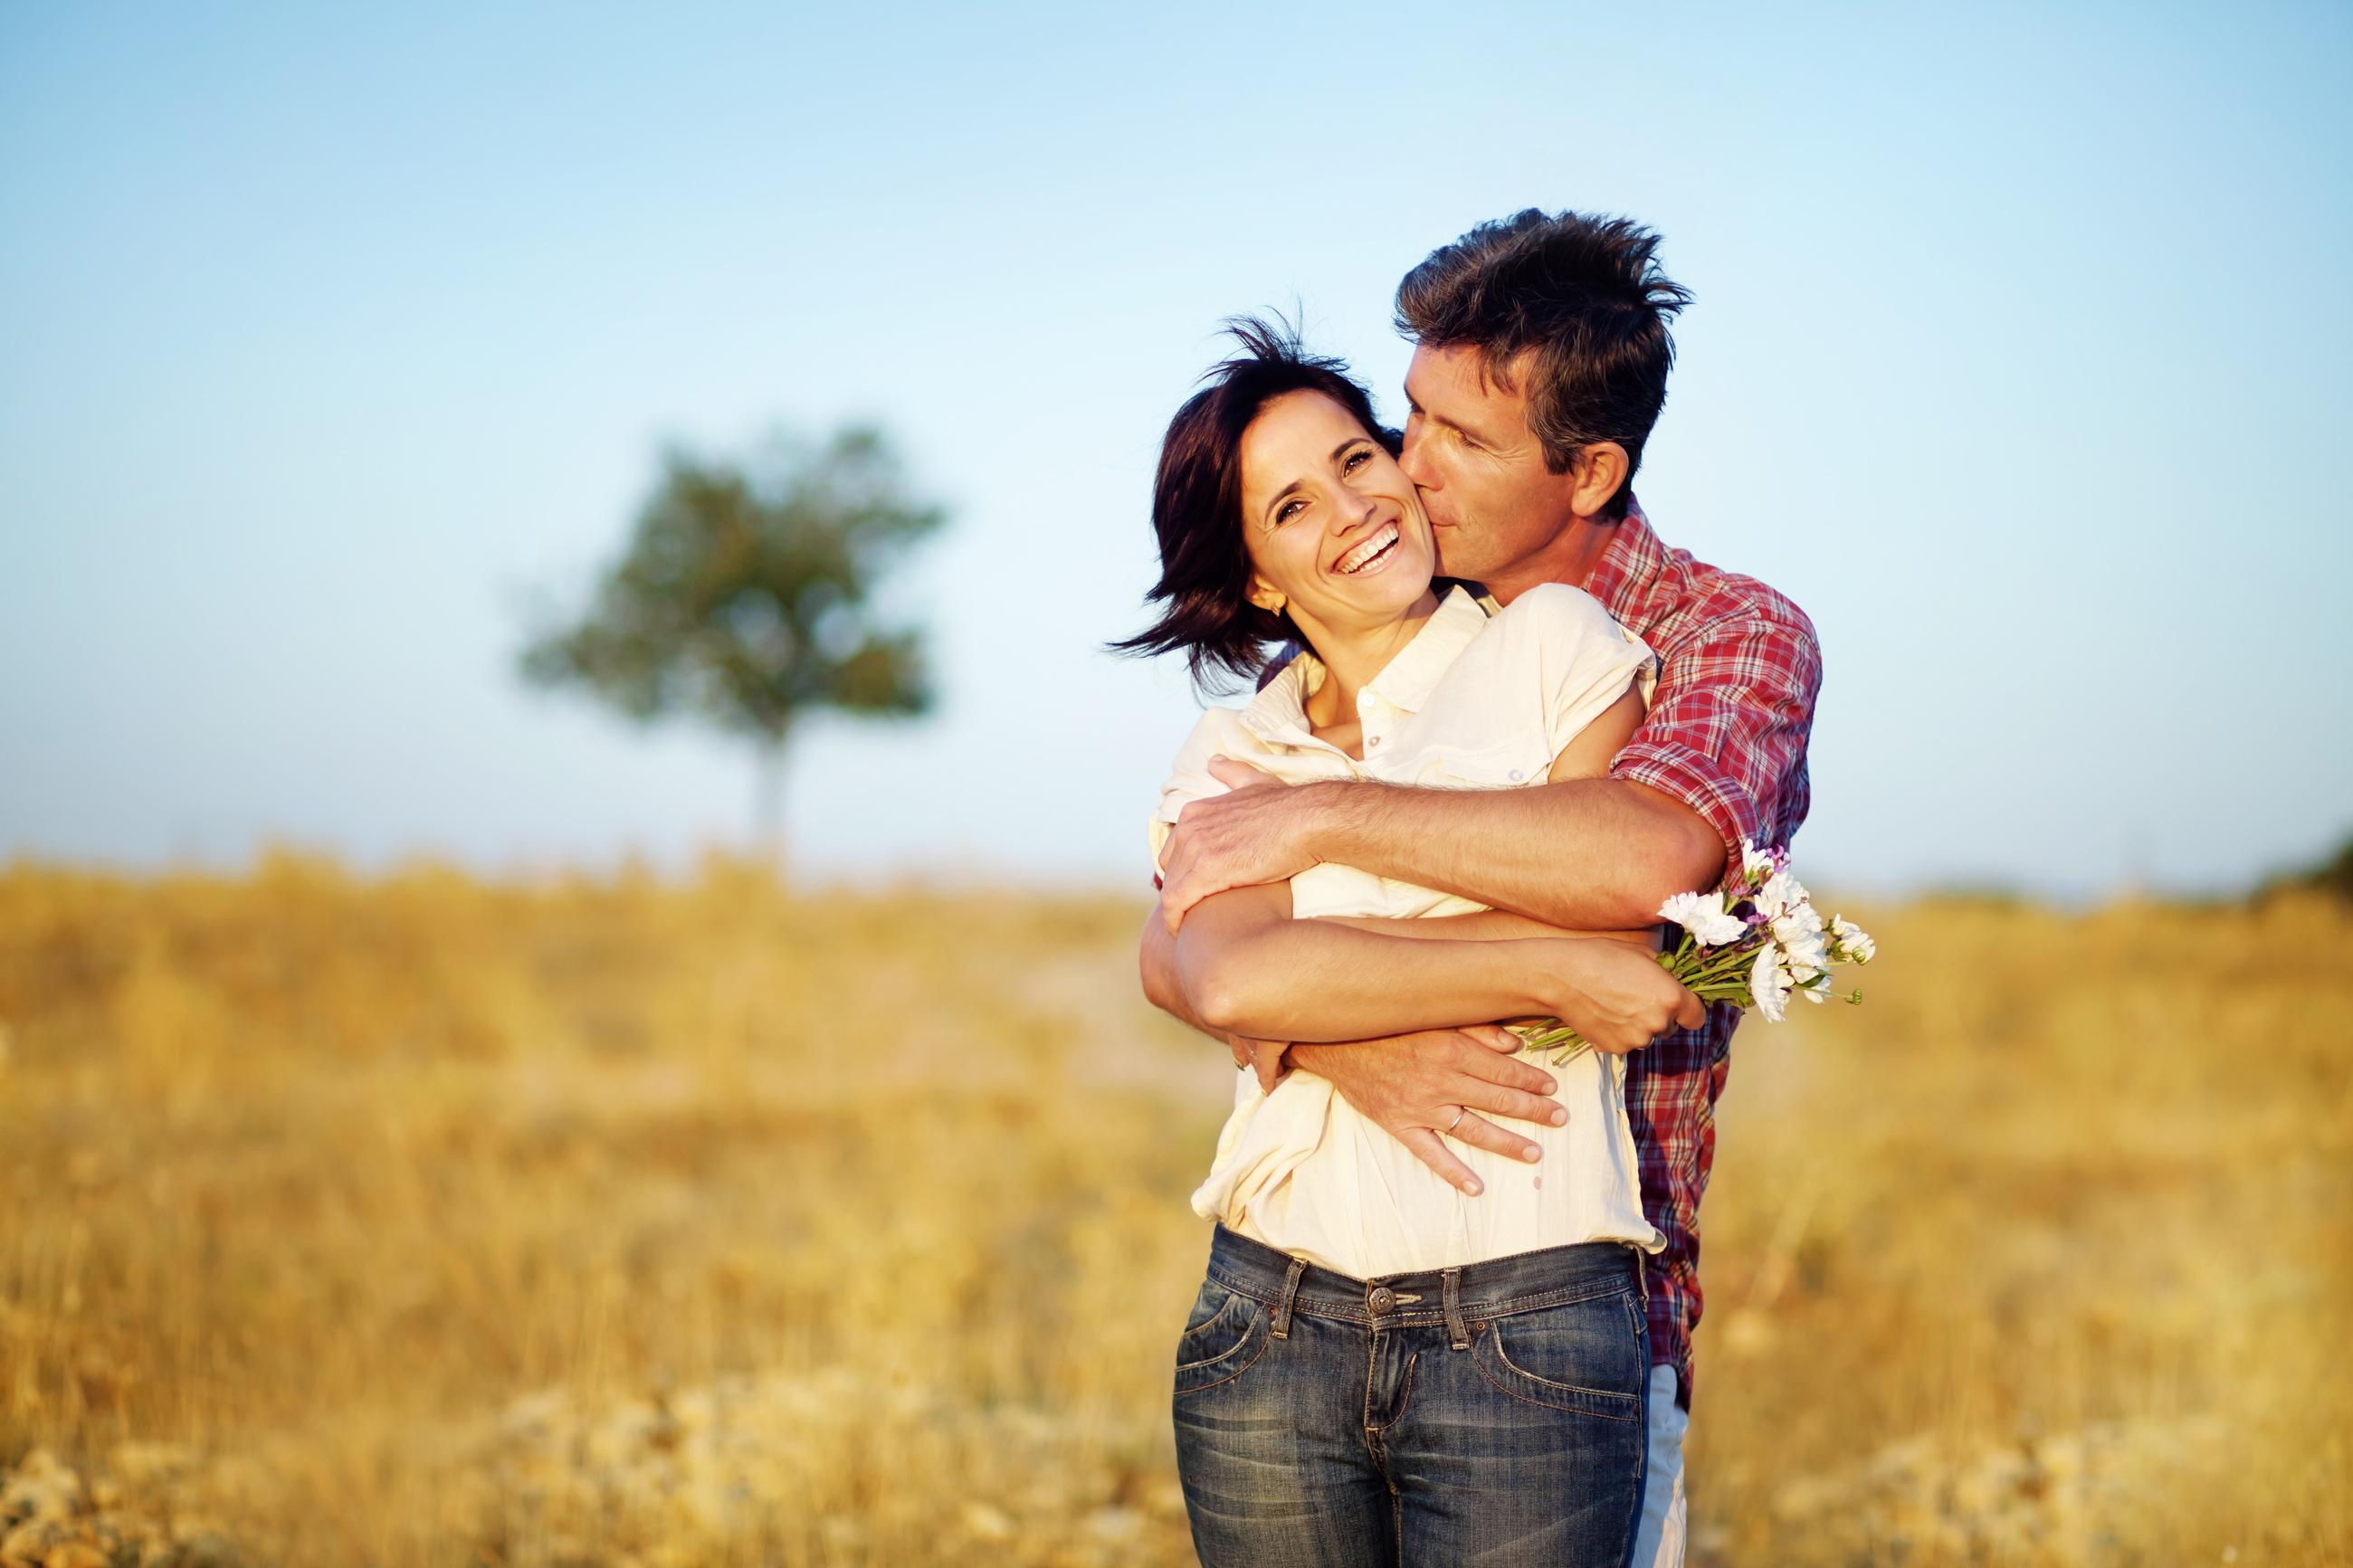 10 raisons pour lesquelles les natifs du Cancer font des amant(e)s extraordinaires... La 8 est tellement agréable et excitante !